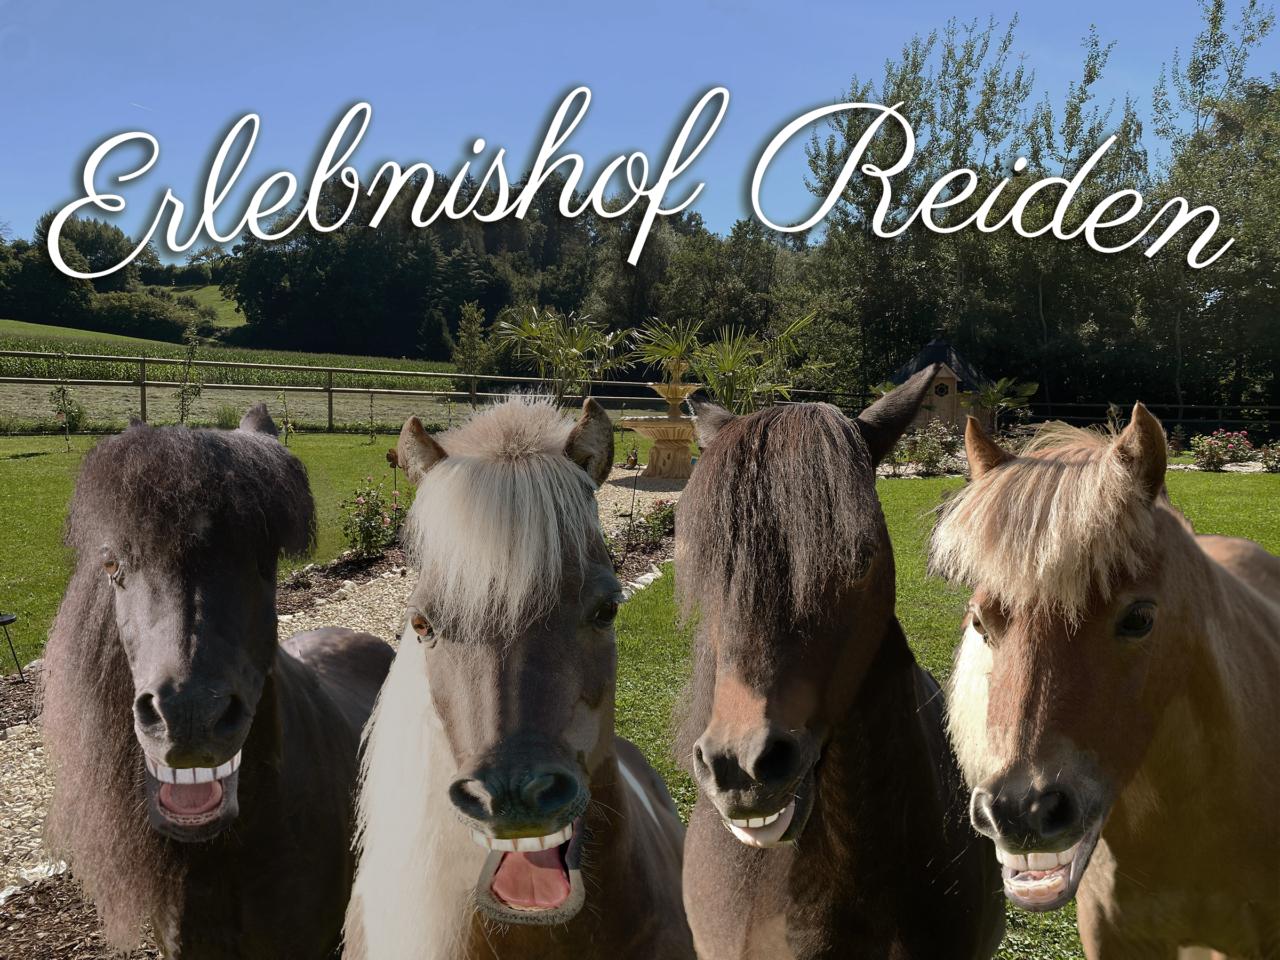 """Bild von vier in die Kamera lachenden Ponys in einem Garten. Oberhalb befindet sich der Schriftzug: """"Erlebnishof Reiden""""."""